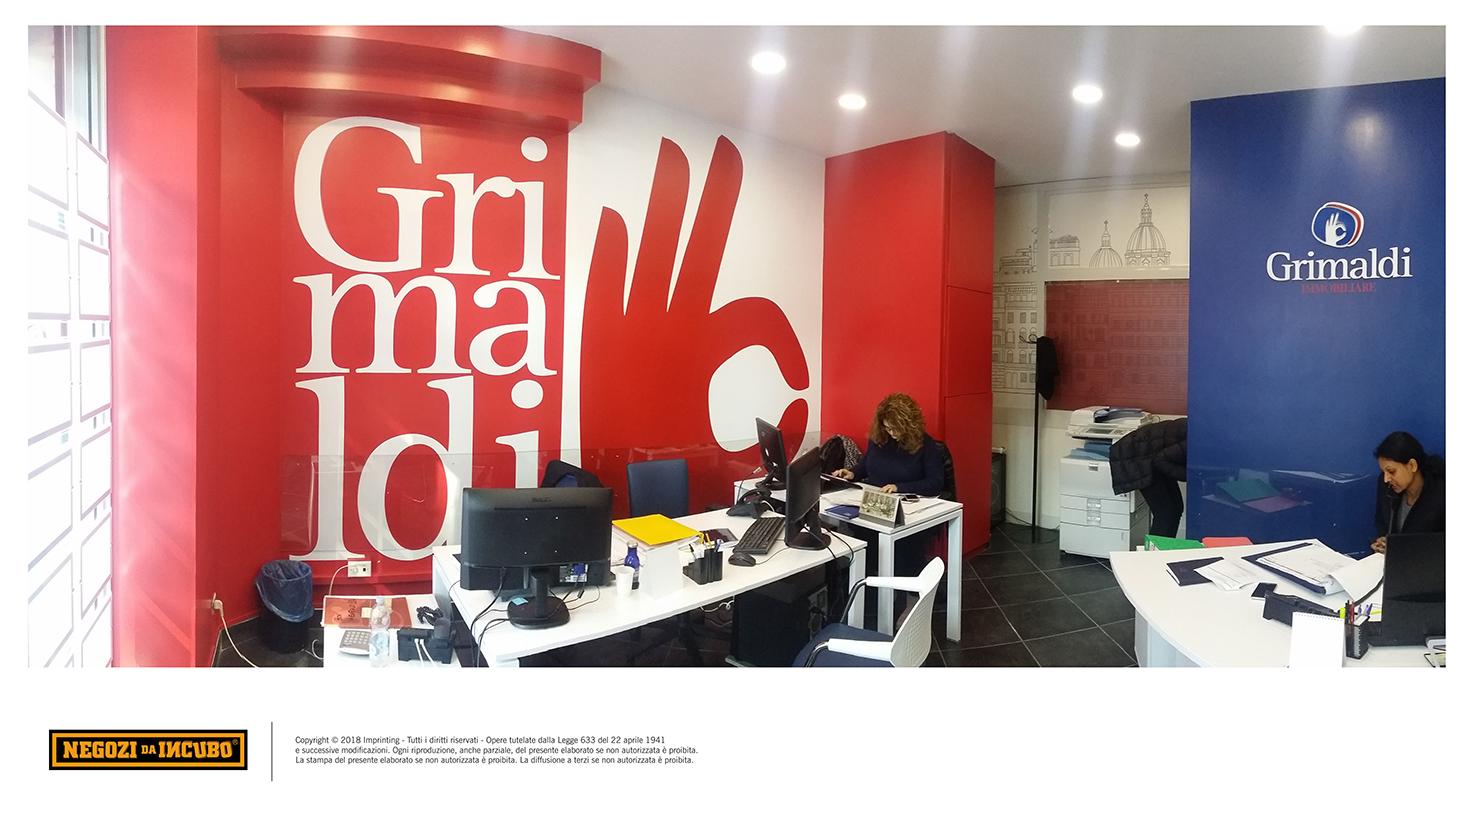 Grimaldi immobiliare restyling ristrutturazione locale for Grimaldi immobiliare